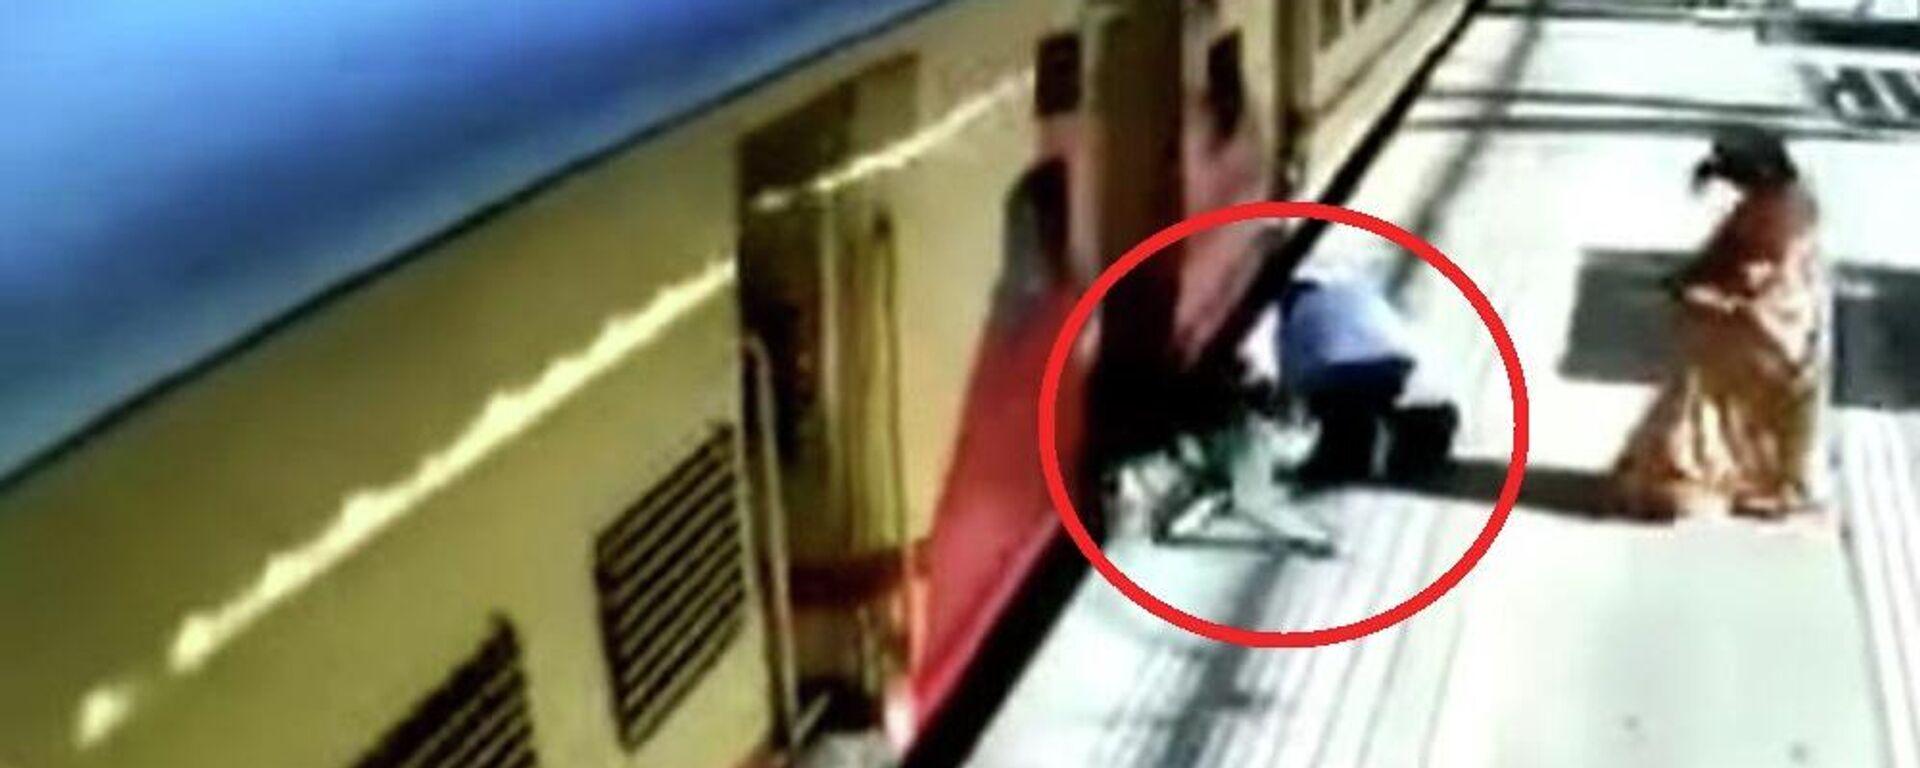 Ηλικιωμένη γυναίκα πέφτει στο κενό ανάμεσα στην αποβάθρα και το κινούμενο τρένο - Sputnik Ελλάδα, 1920, 22.09.2021